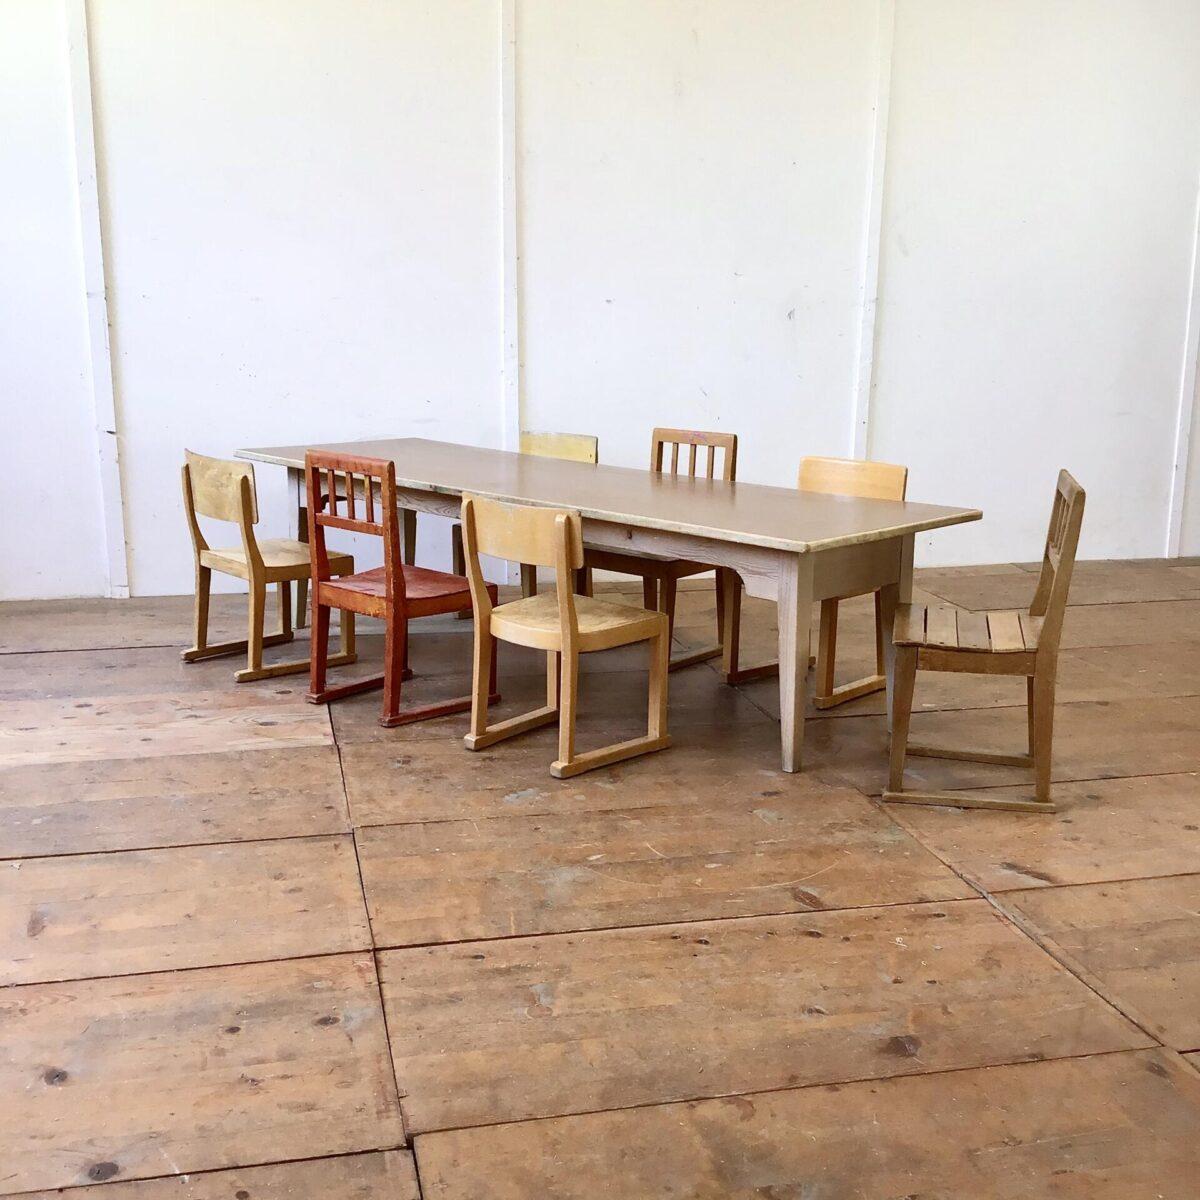 Deuxieme.shop Esstisch Holztisch vintage Beizentisch horgenglaruschairs horgenglarus Stühle.Kinder Biedermeiertisch mit braunem Linoleum Tischblatt. 200x65cm Höhe 51cm. Langer Kindergartentisch oder für die stimmungsvolle Kinder Bastellecke. Als etwas längerer Couchtisch ebenfalls geeignet. Stühle sind auch zu haben zwischen 40 und 60.- pro Stuhl.